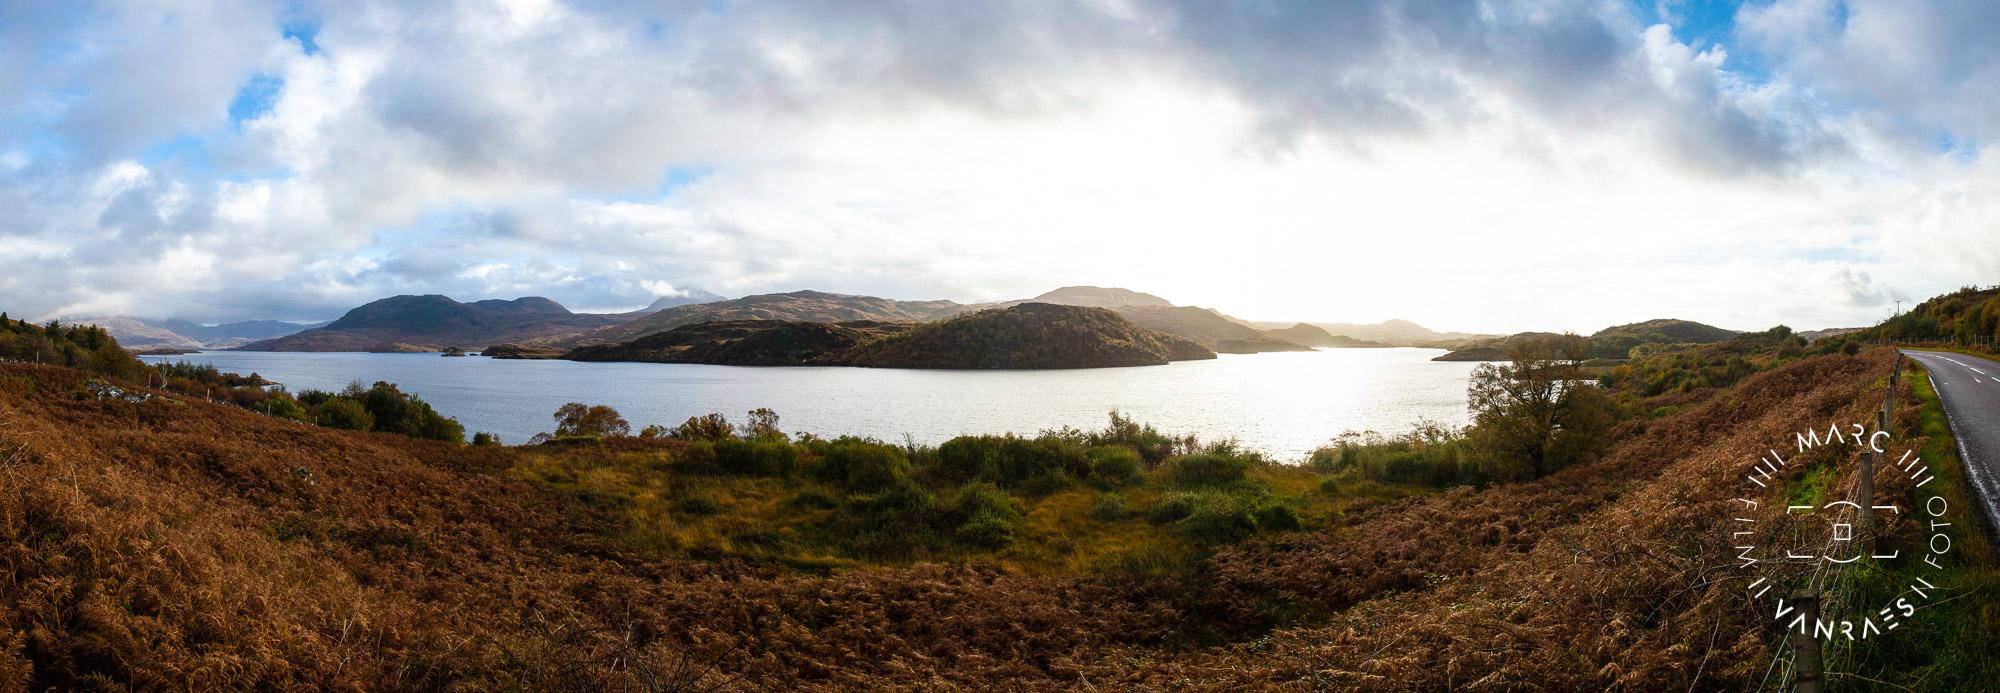 © Deze foto's van Ullapool - www.marcvanraes.be - 6_